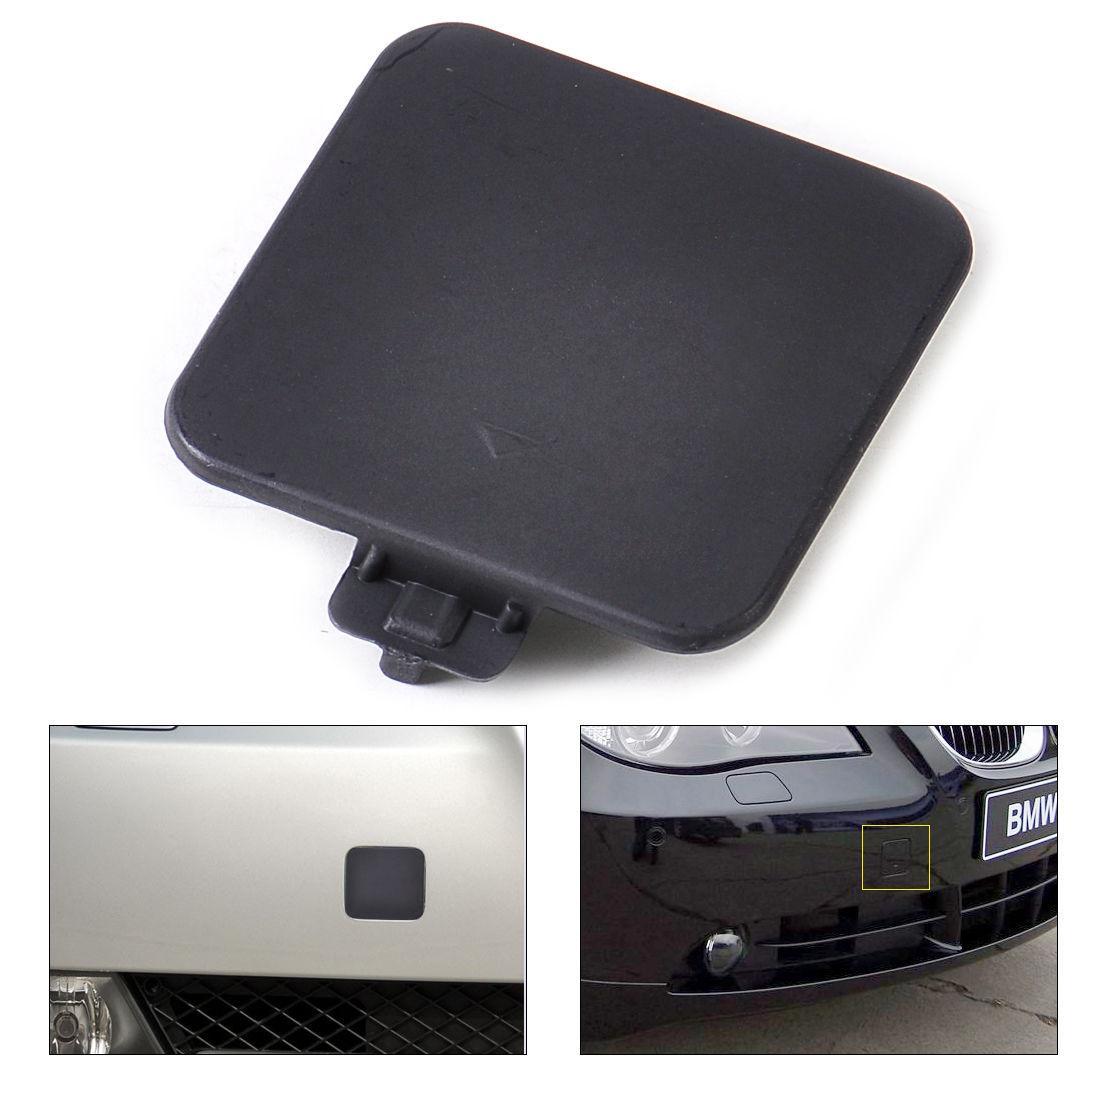 For BMW 03-07 E60 E61 5-Series 528i 528xi 535i Front Bumper Tow Hook Cover Cap